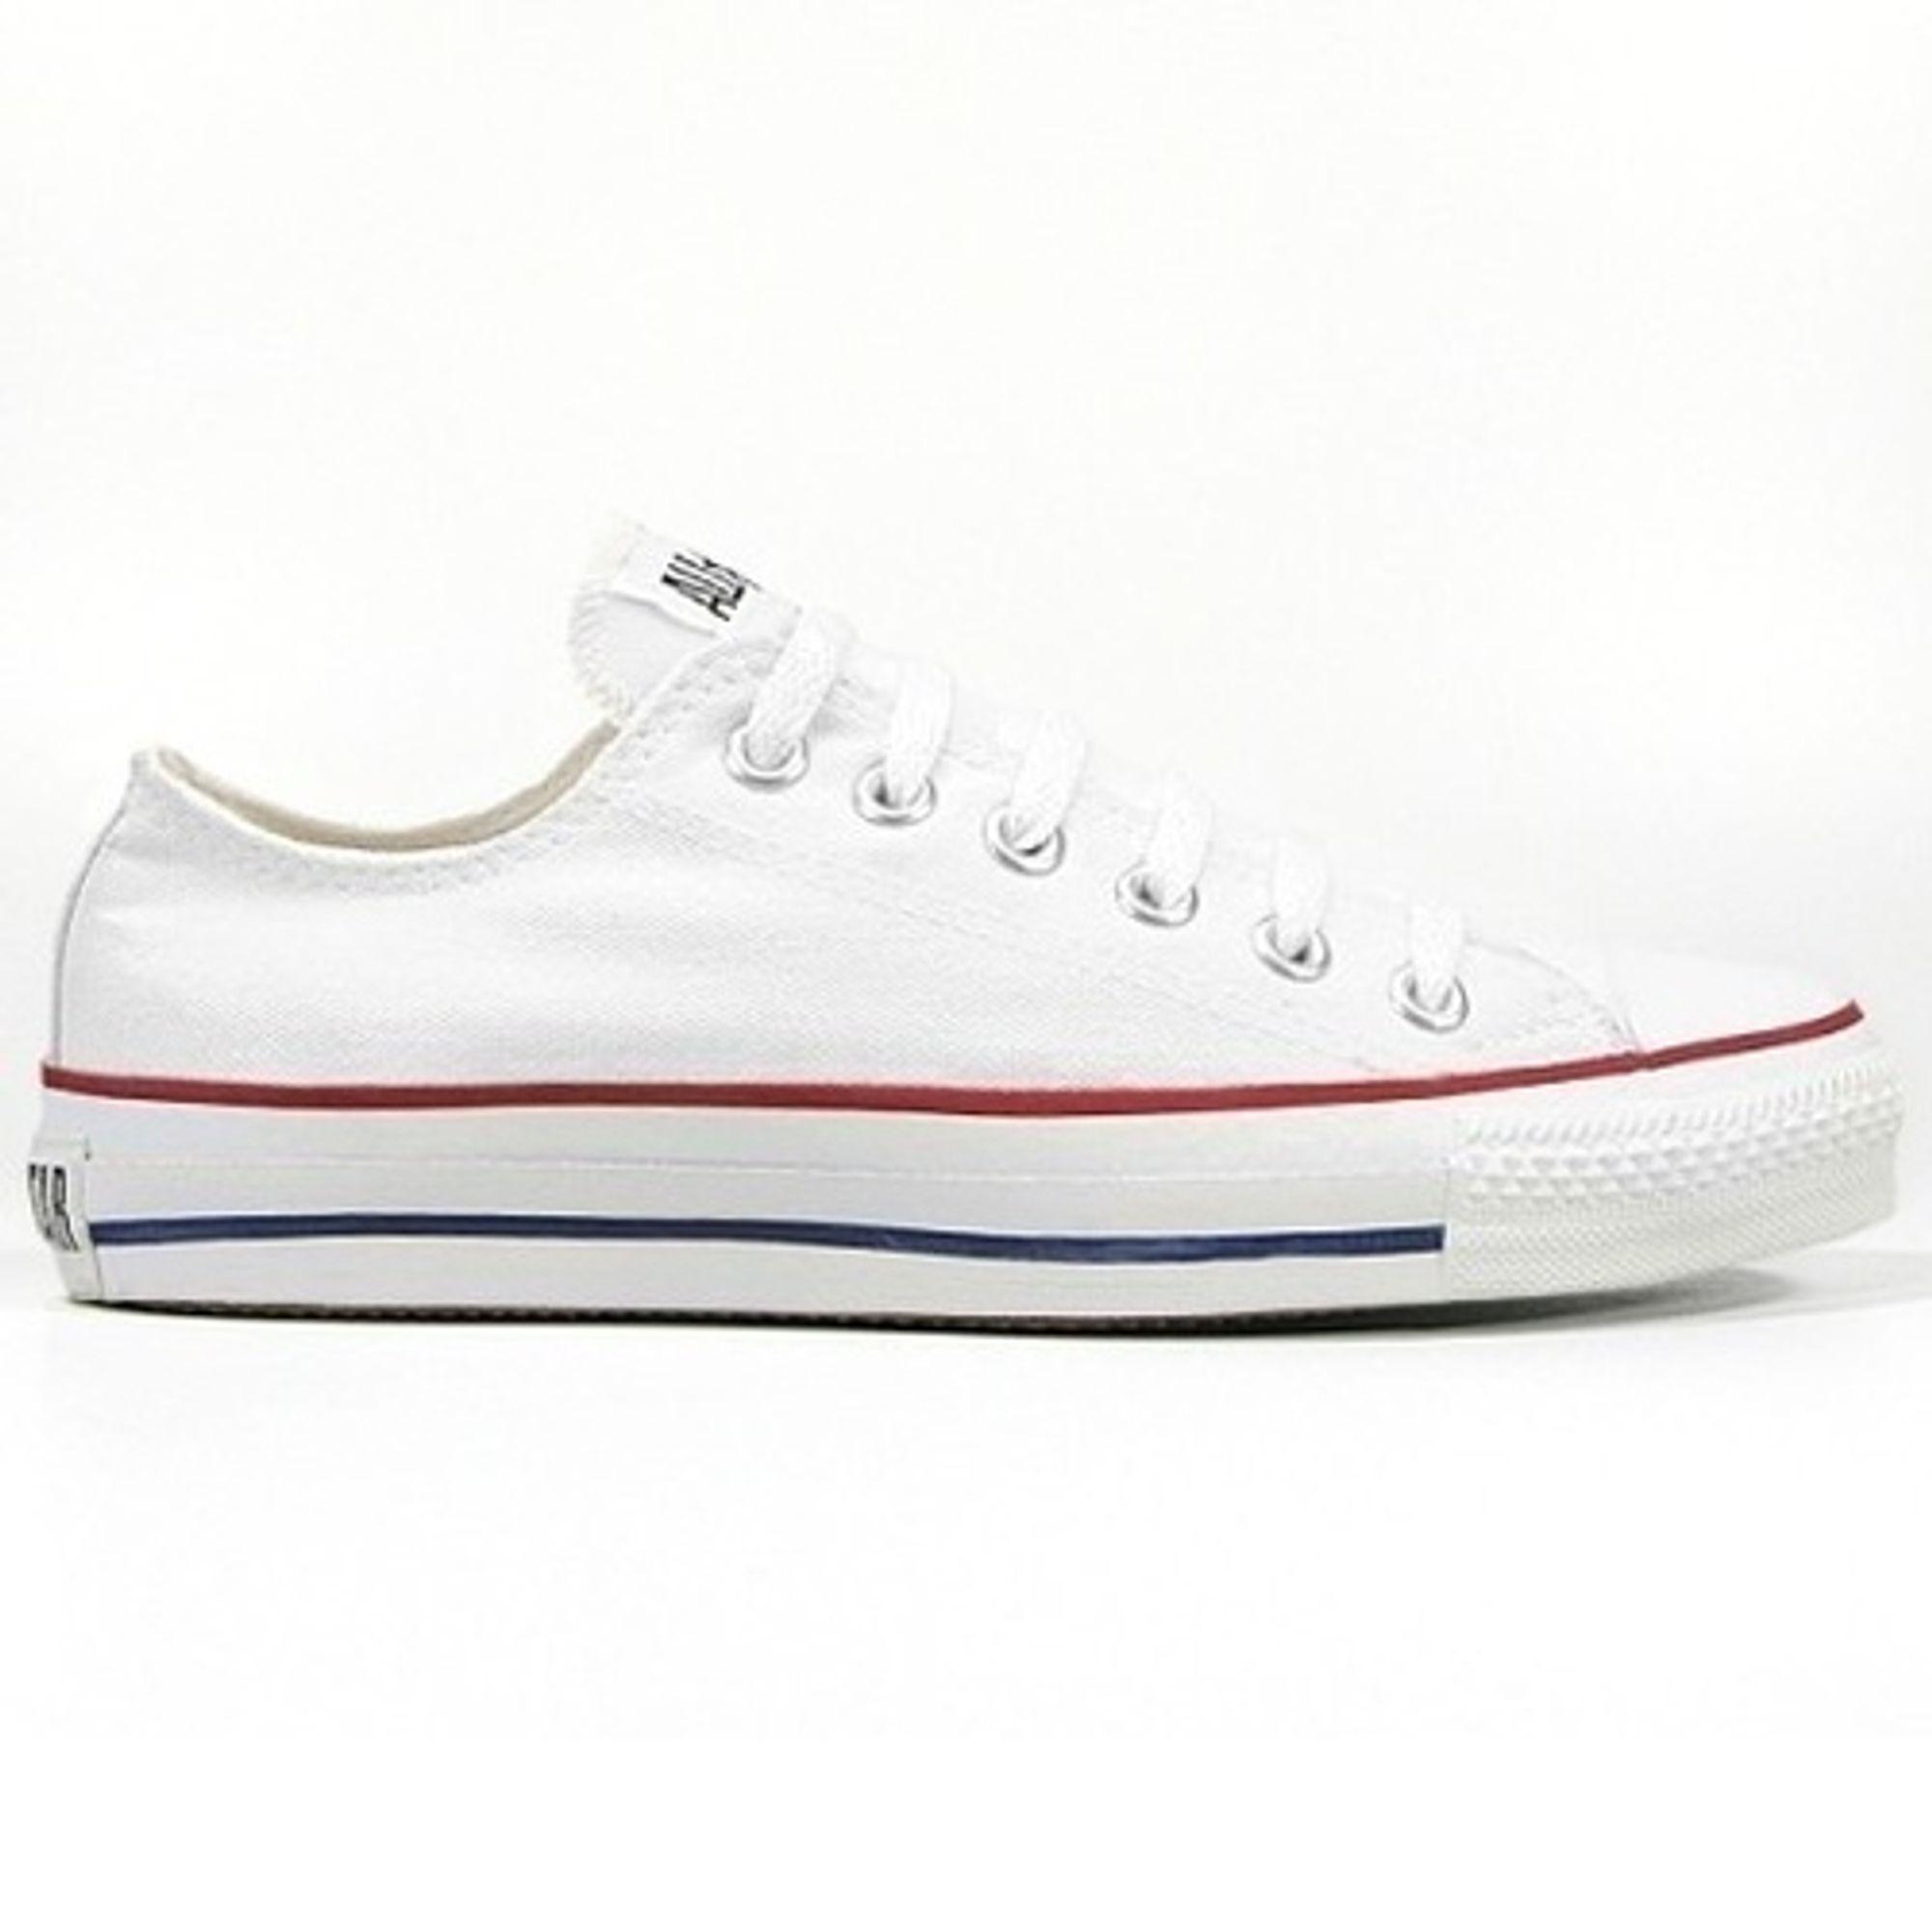 Converse Damen Schuhe All Star Ox Weiß M7652C Turnschuhe Chucks Gr. 38 Weiß